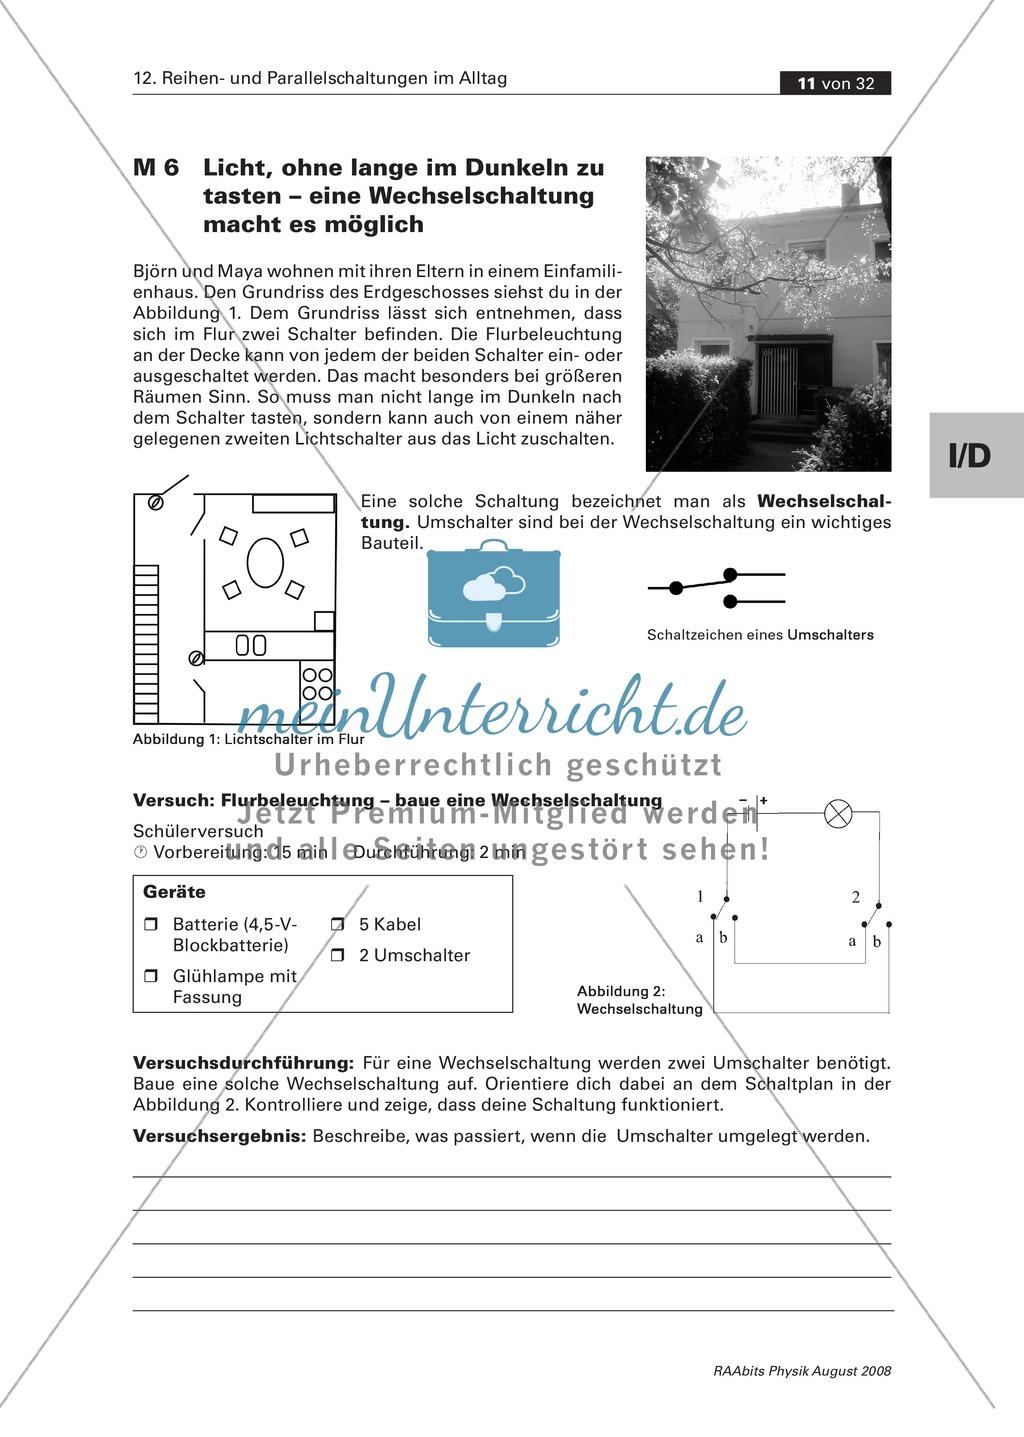 Reihen- und Parallelschaltungen: Der Schaltkreis + Umschalter + ...